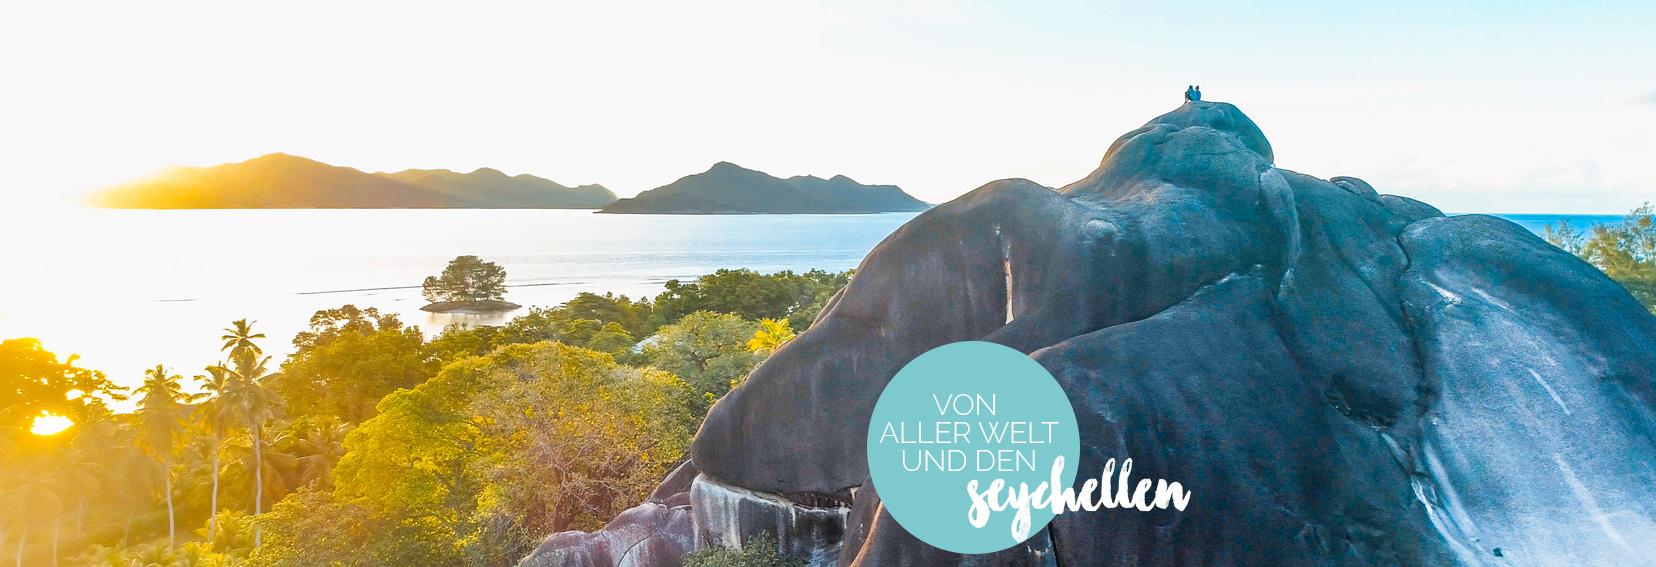 Seychellen-Expertin für Reisereportagen, TV, Interviews & redaktionellen Beiträgen